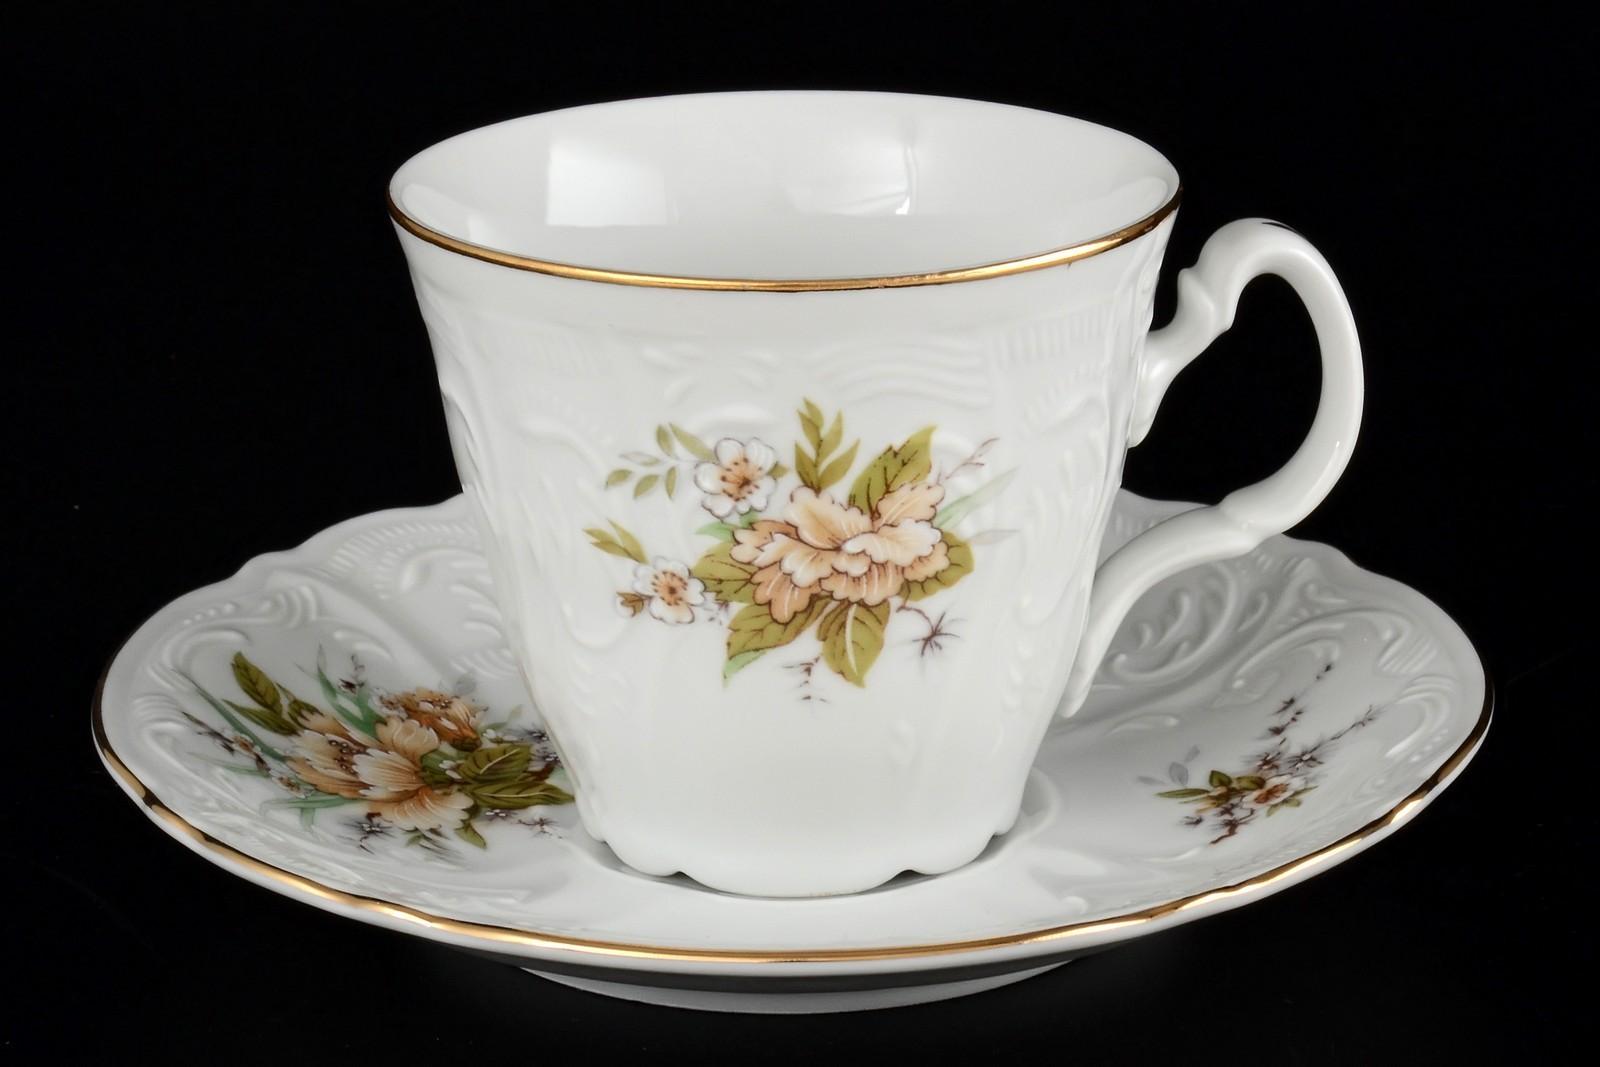 Набор чайных пар ведерка 200 мл Бернадотт Зеленый цветок (6 пар)